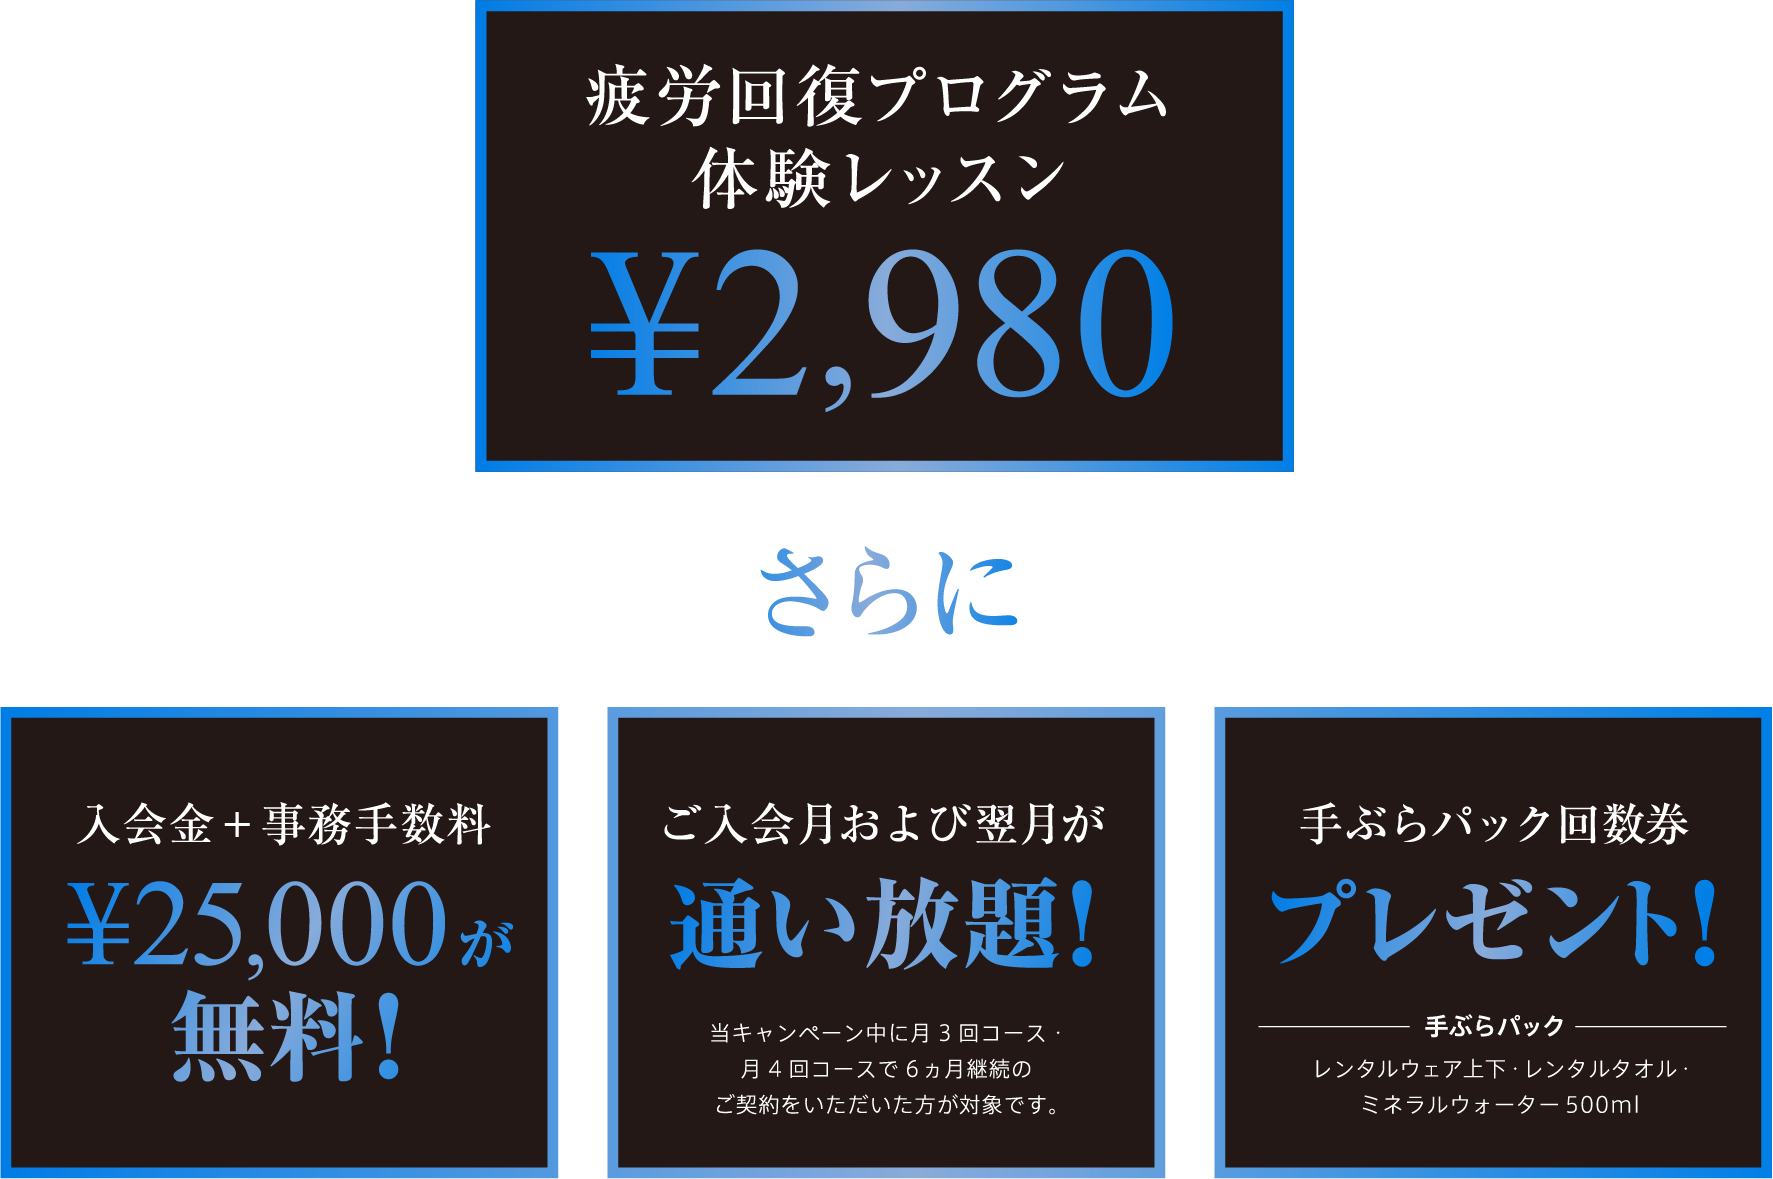 疲労回復プログラム体験レッスン¥2980